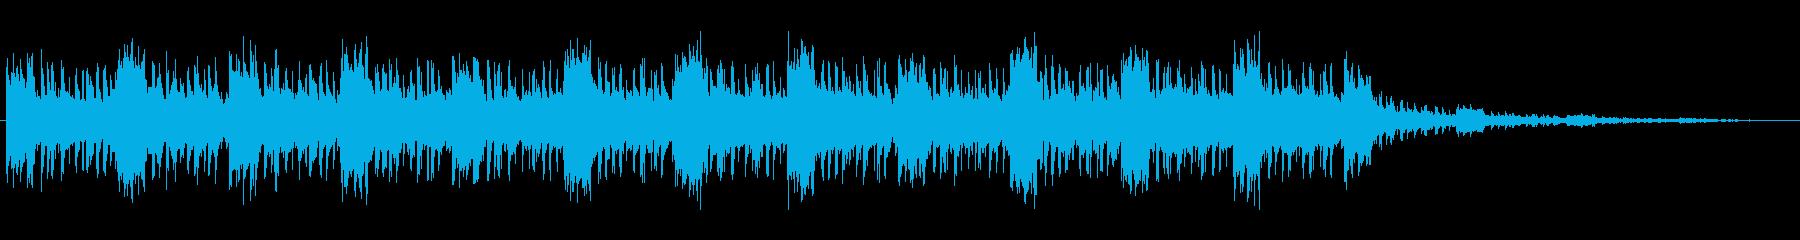 歪んだシンセが印象的なテクノの再生済みの波形